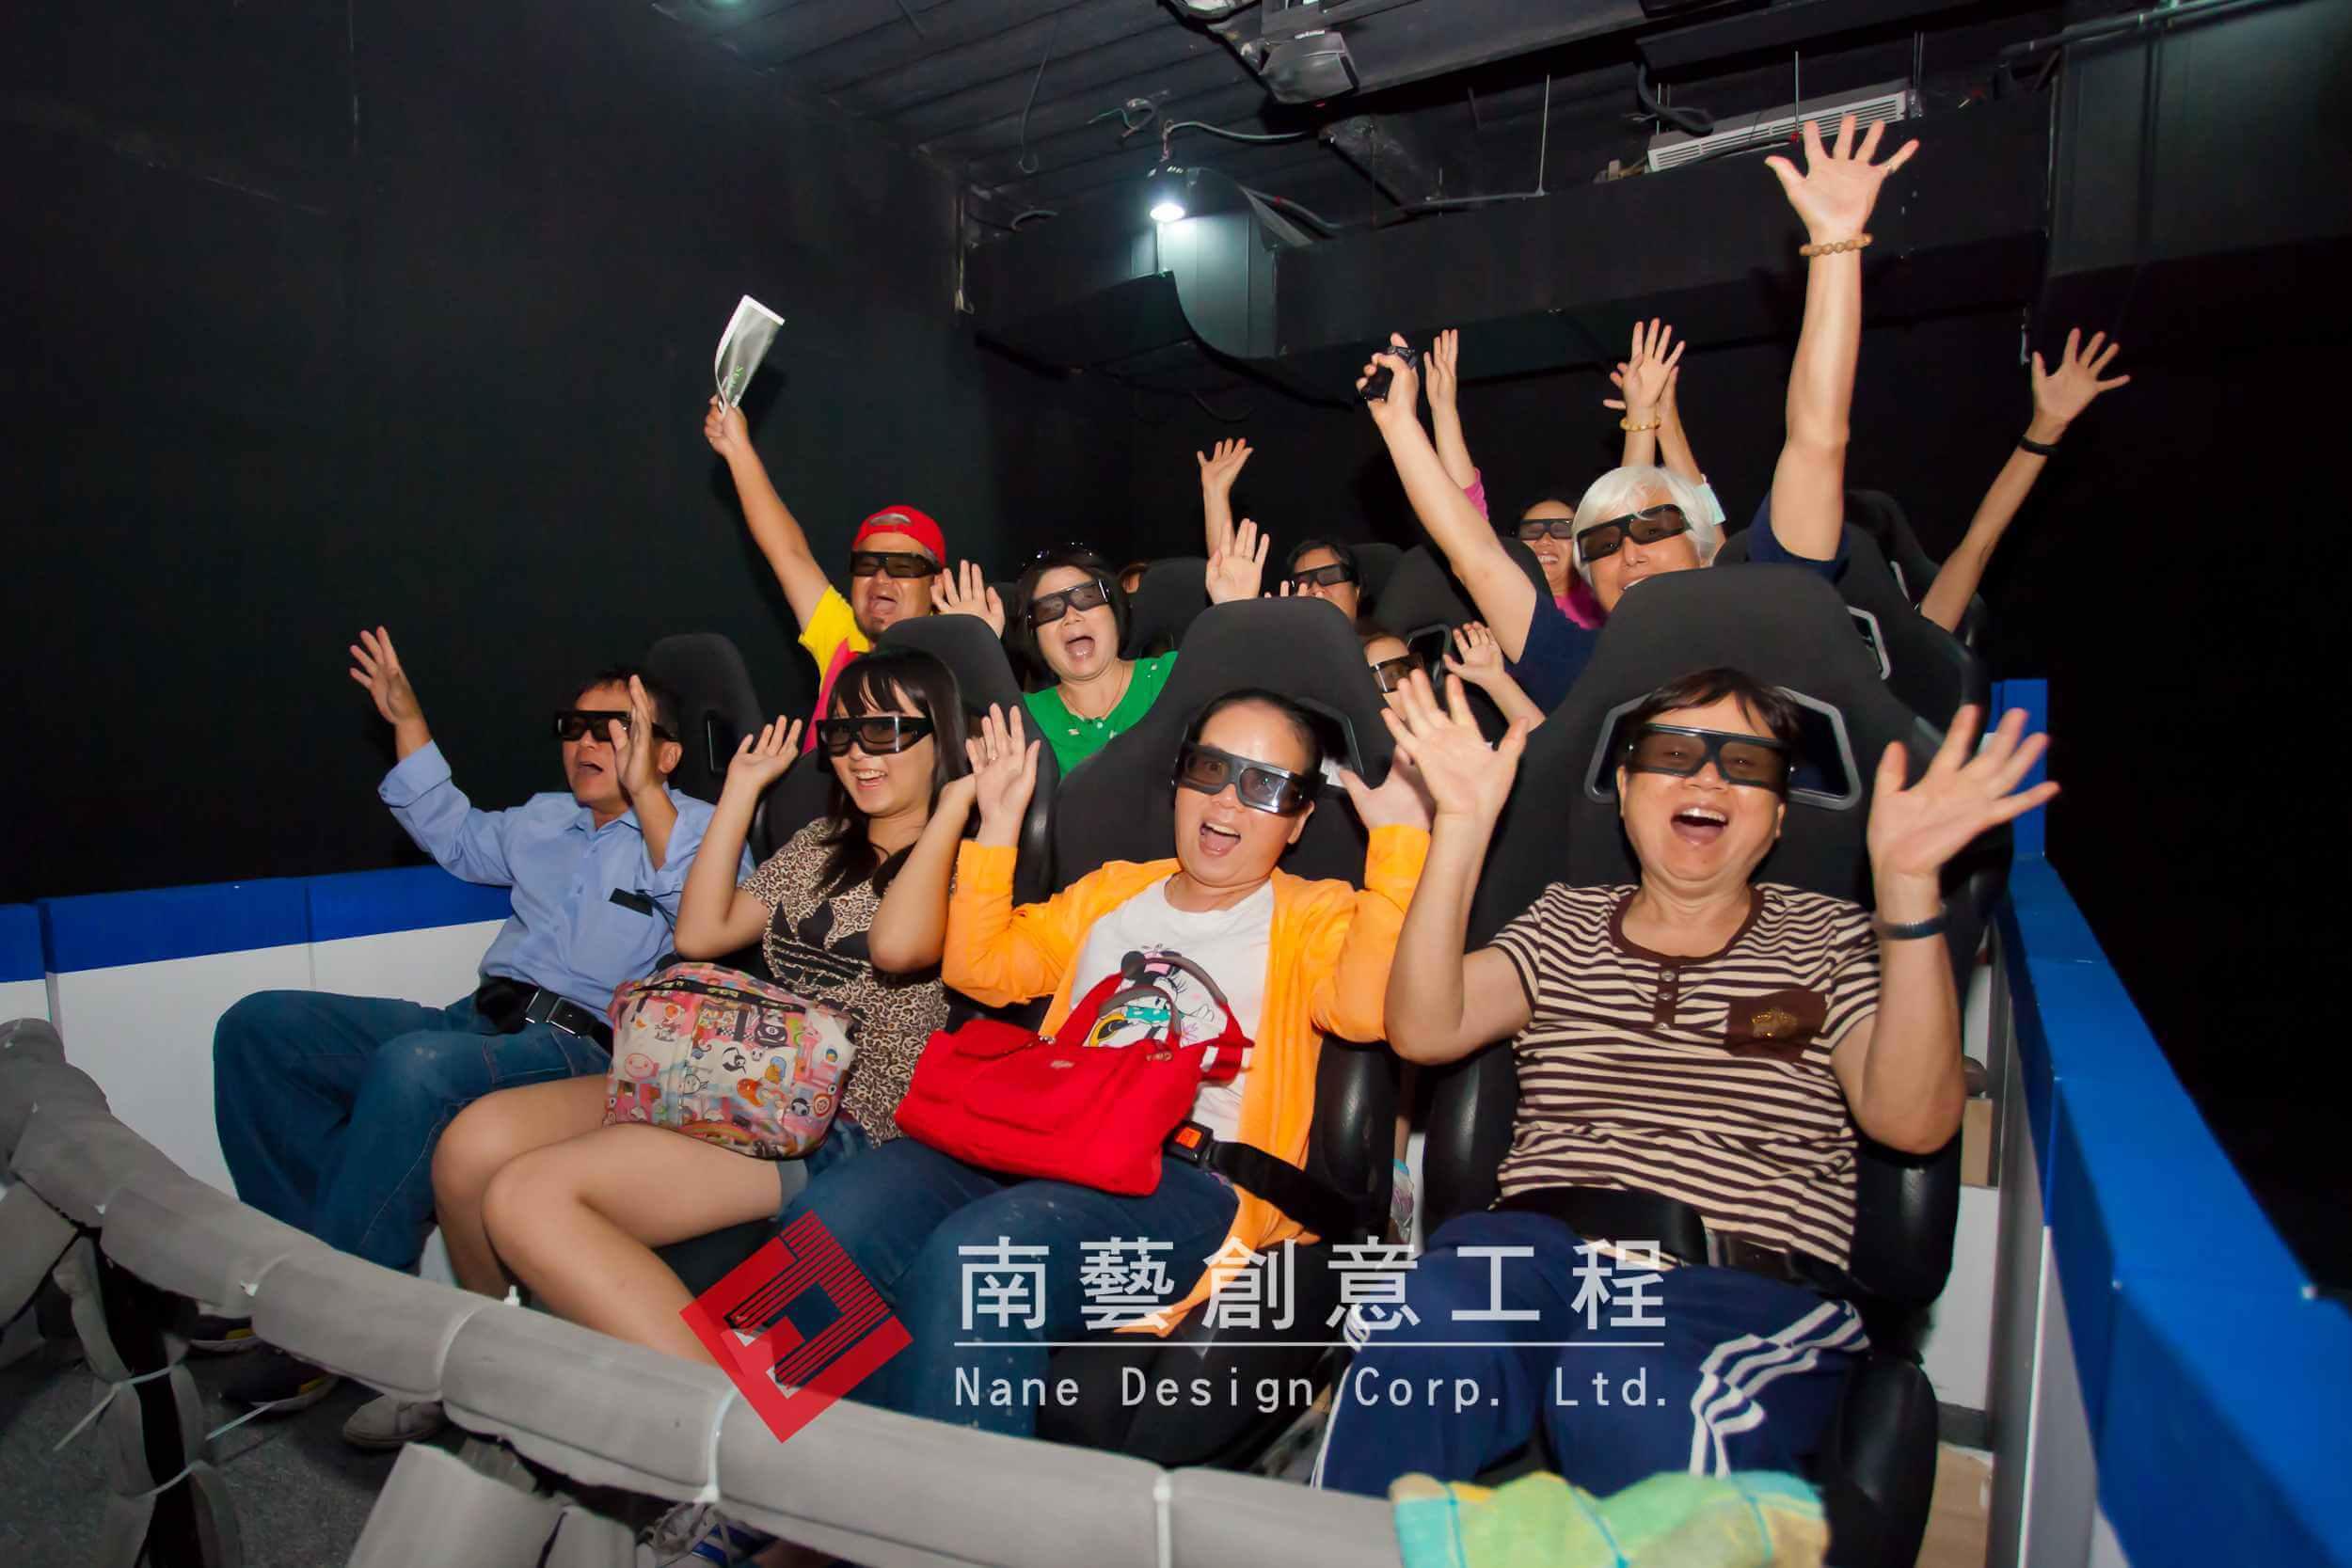 寶熊漁具「3D&4D 劇場建置」_寶熊_漁具_3D_4D_劇場